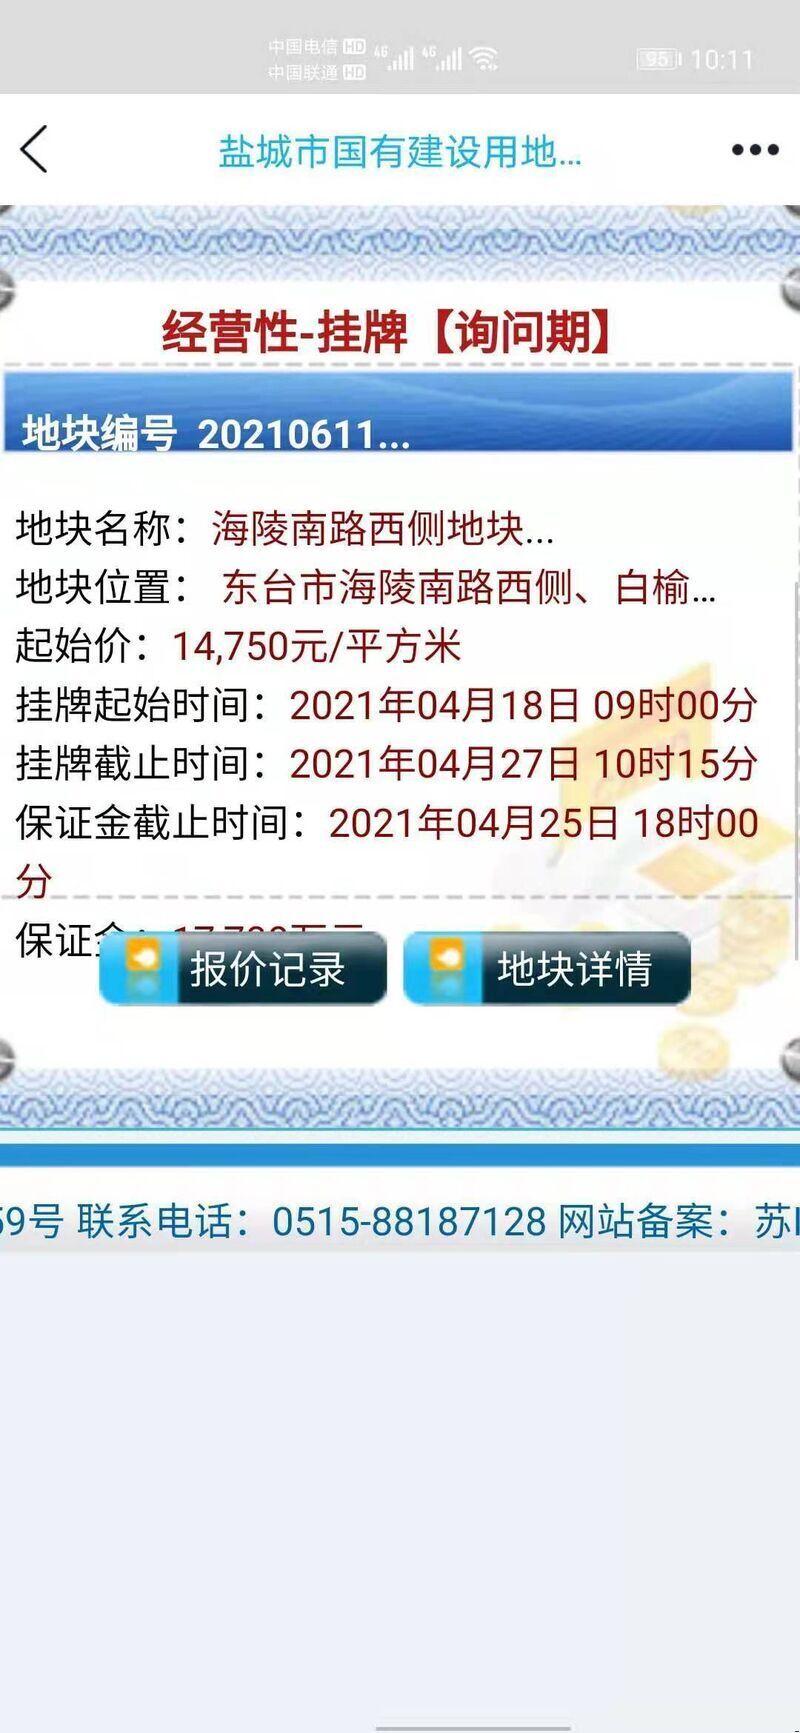 1619491427713702672.jpg